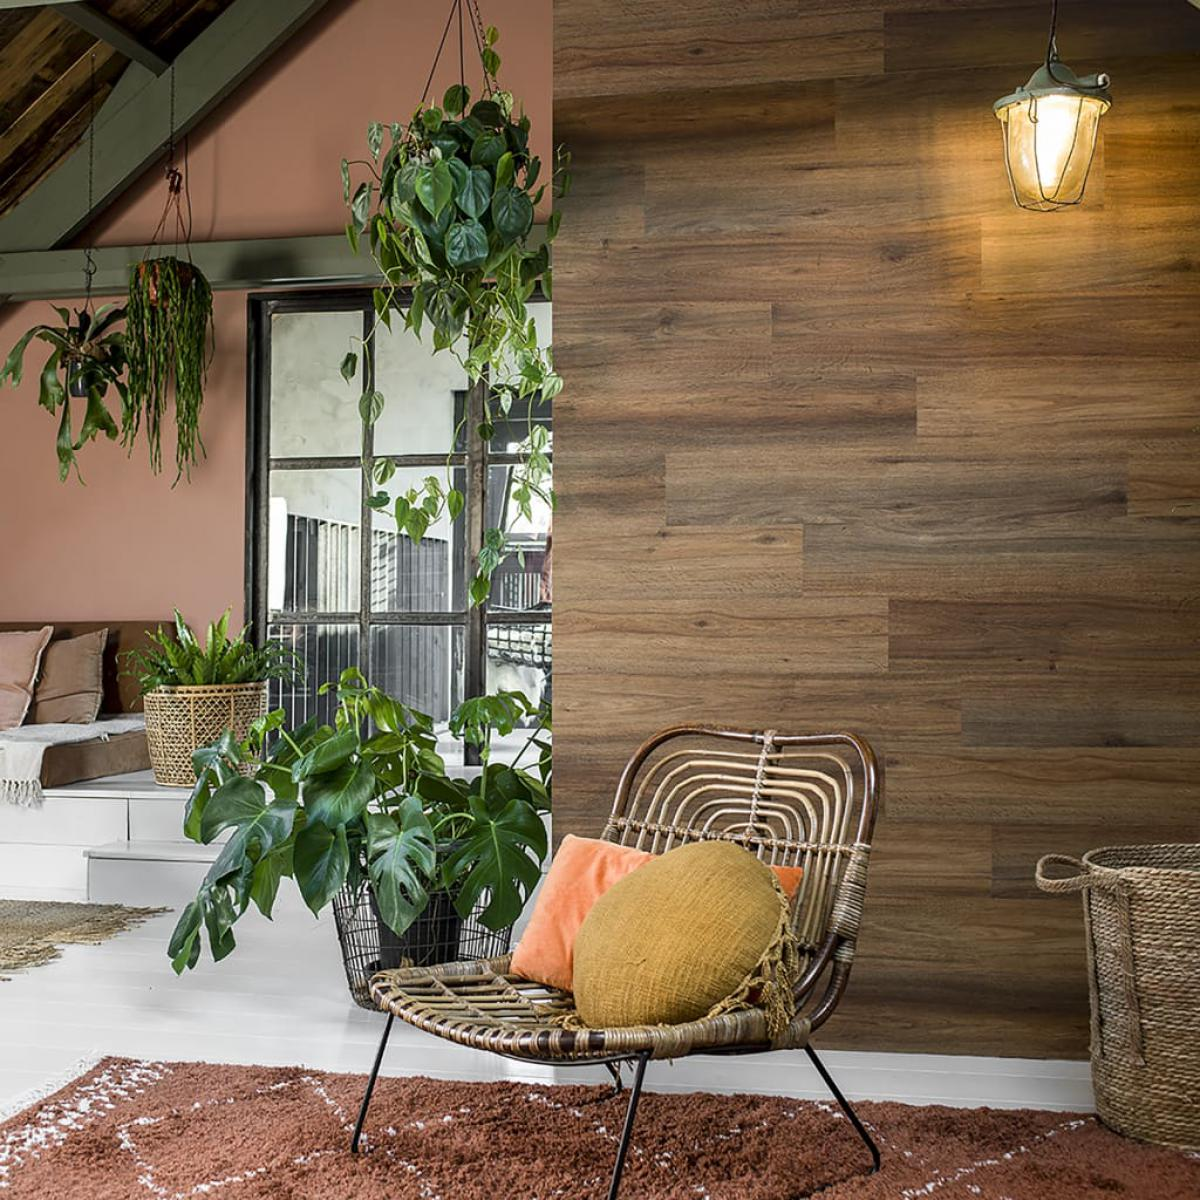 Wallart WallArt Planches d'aspect de bois Chêne naturel Marron sellerie